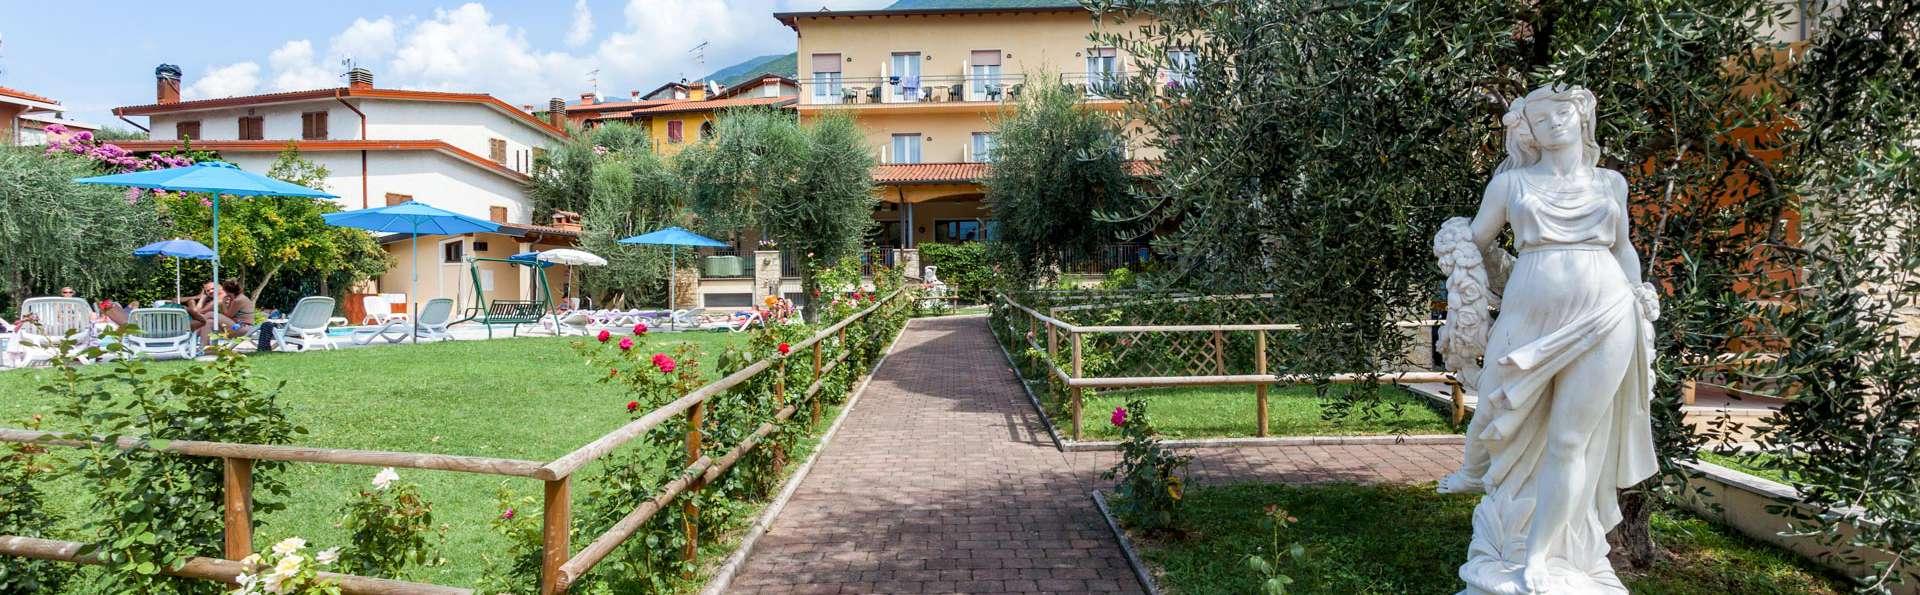 Villa Isabella Hotel e Residence - EDIT_EXTERIOR_03.jpg